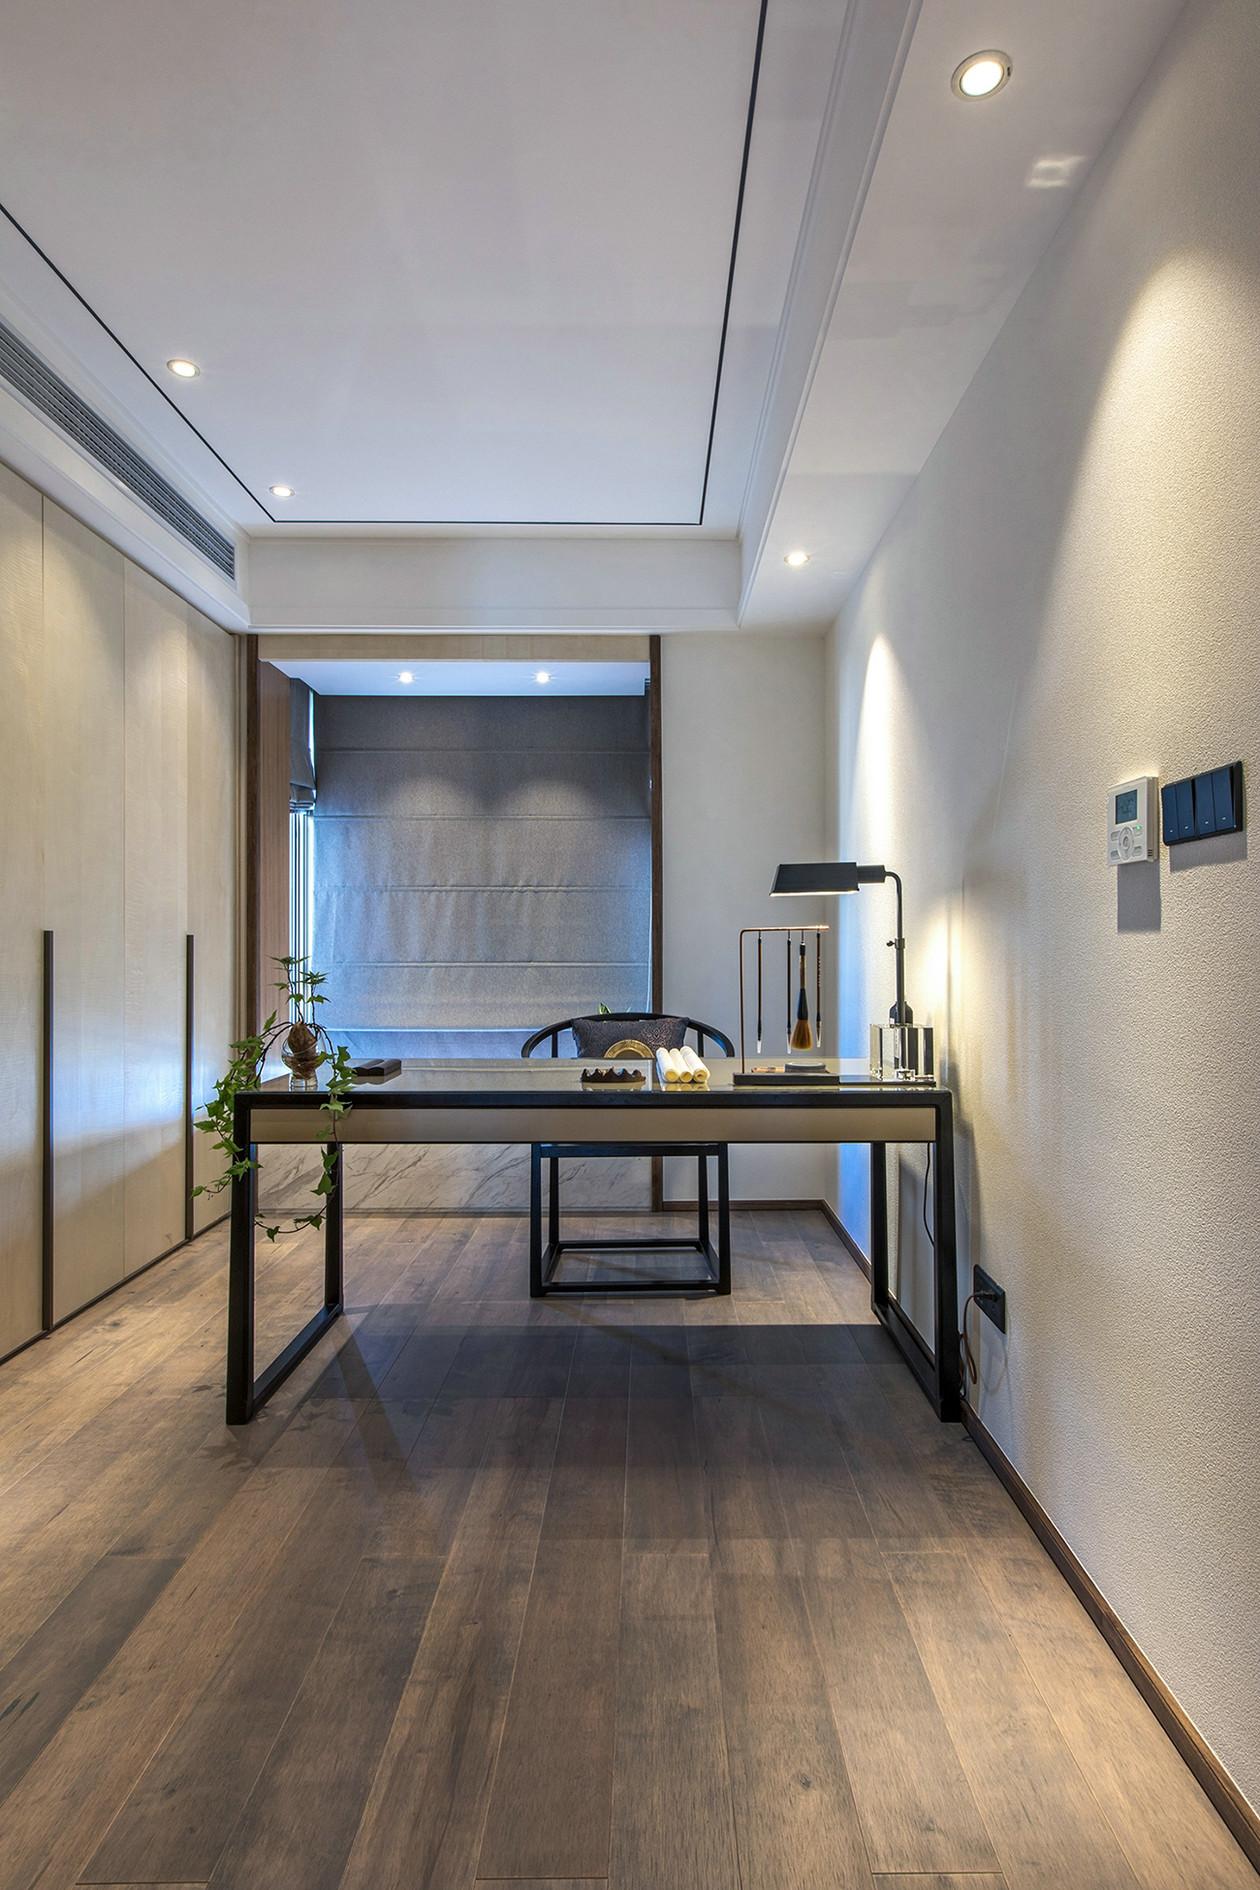 兰州室内装修新中式风格鉴赏!